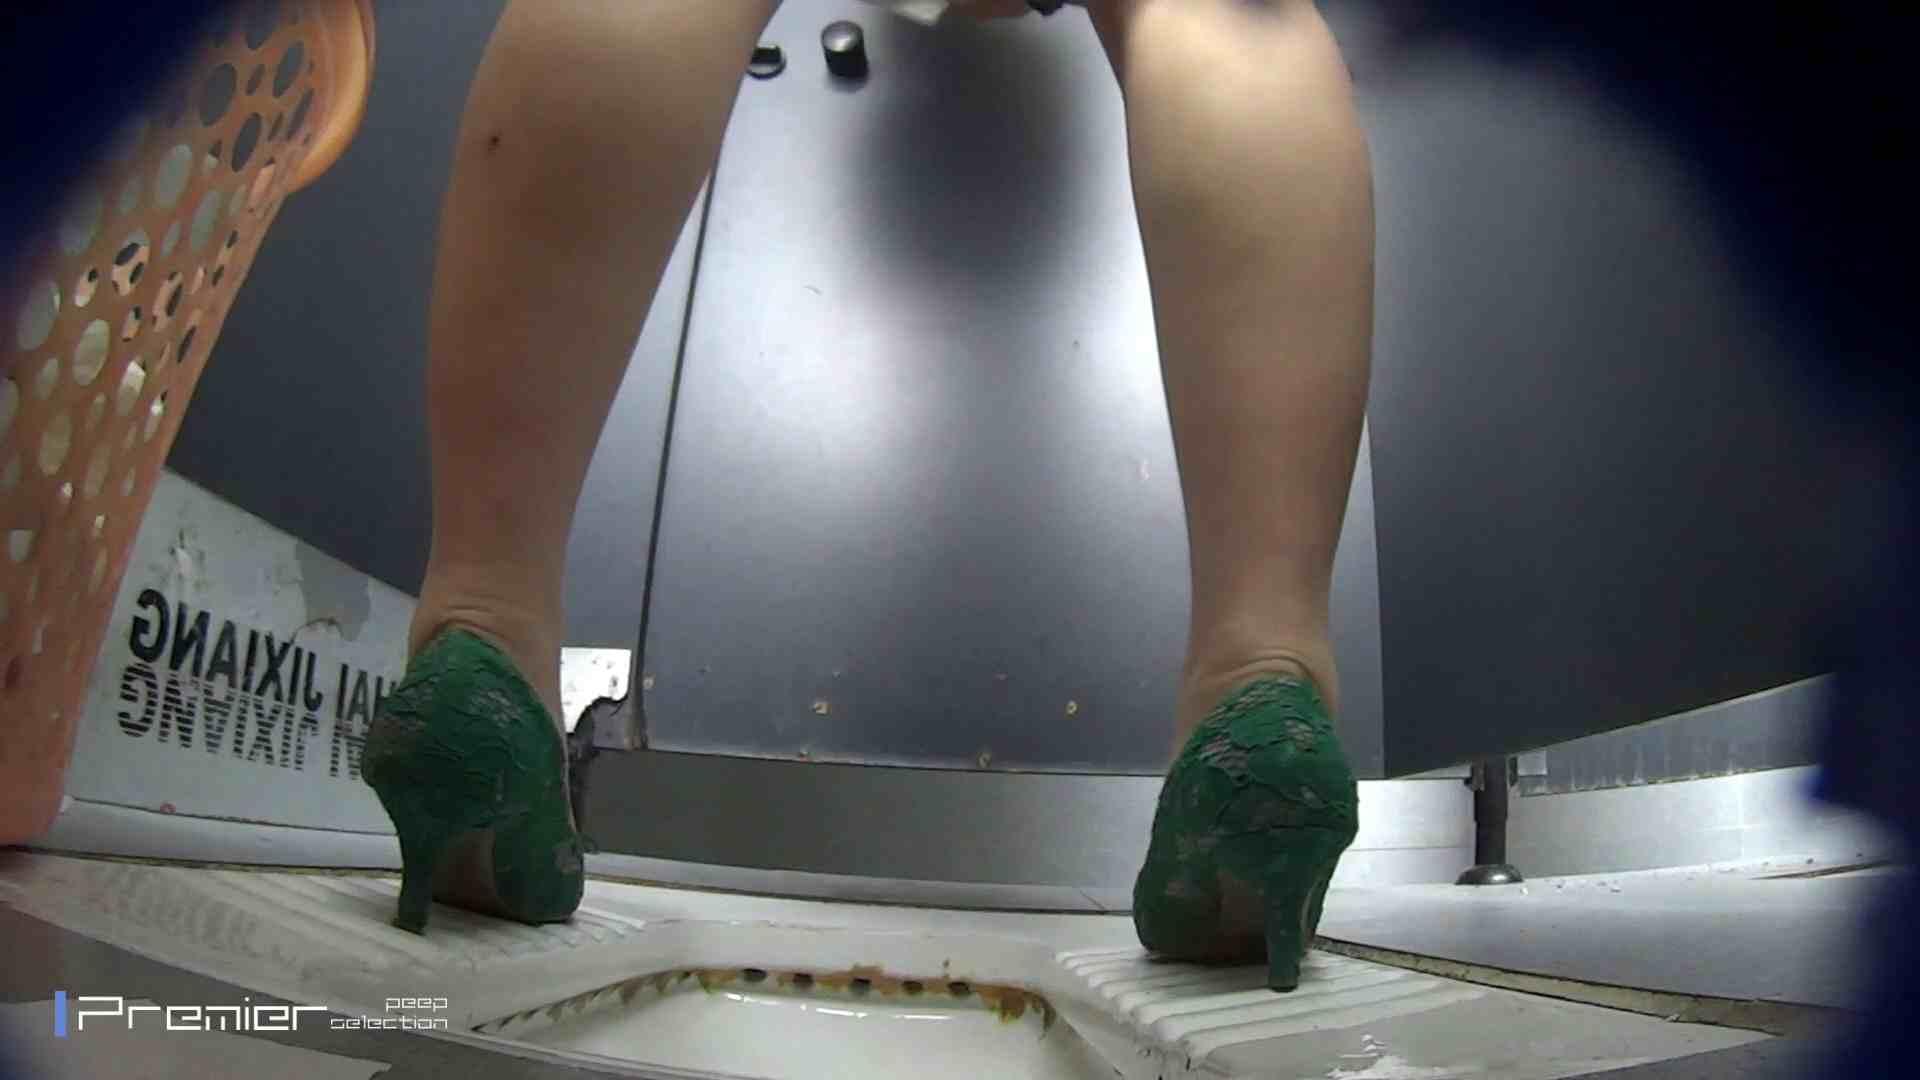 びゅーっと!オシッコ放出 大学休憩時間の洗面所事情47 美女のボディ   お姉さんのボディ  103PIX 29